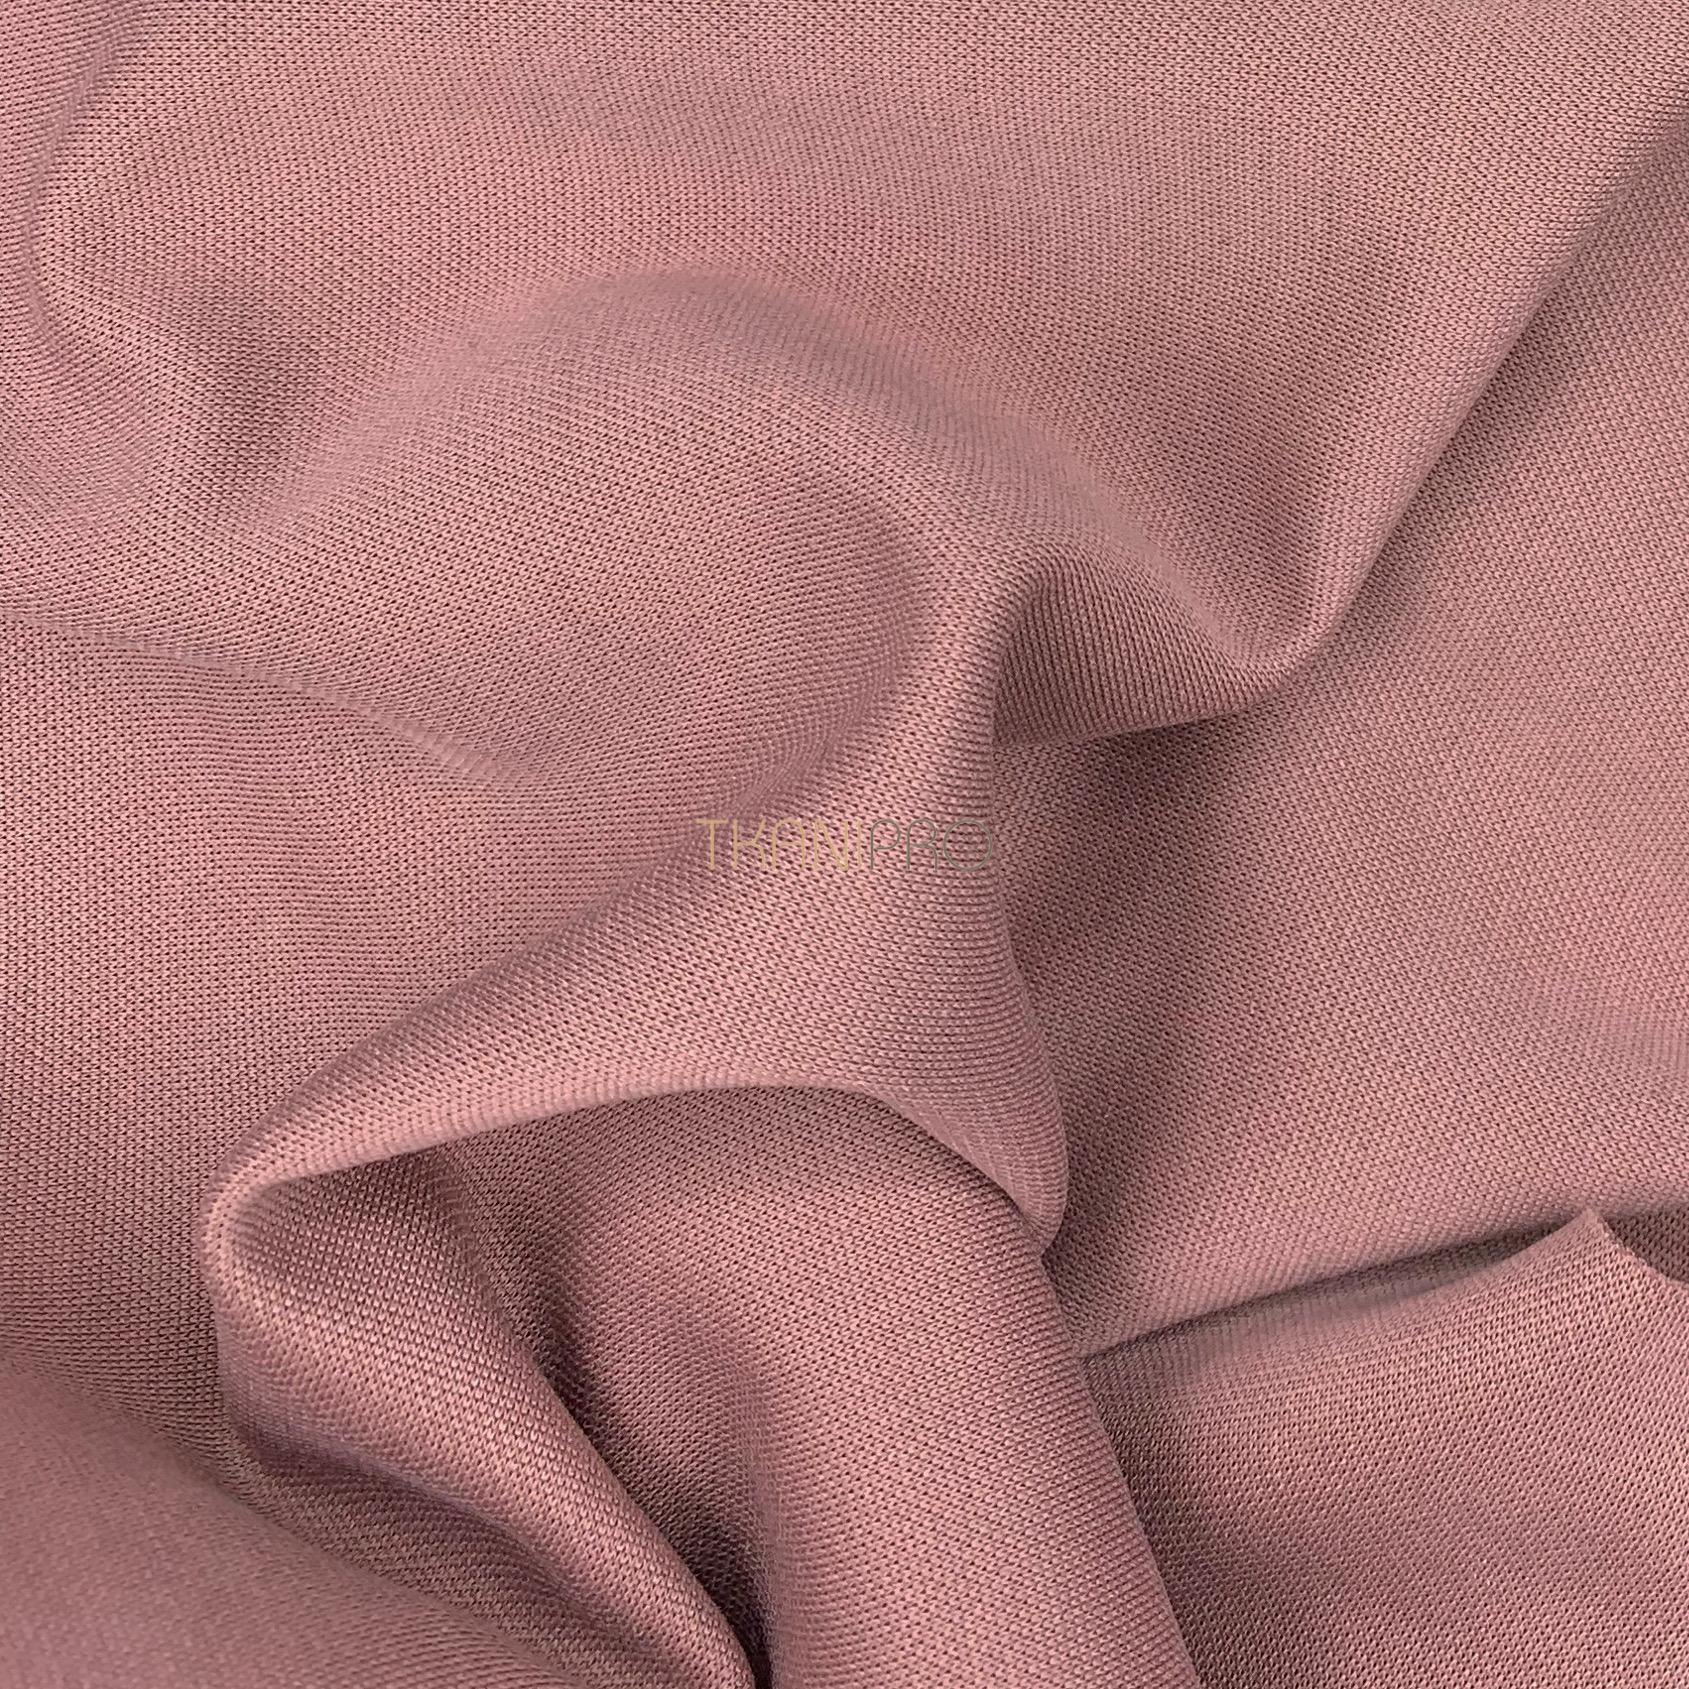 ? модал: что за ткань, состав, свойства, характеристики, уход, отзывы